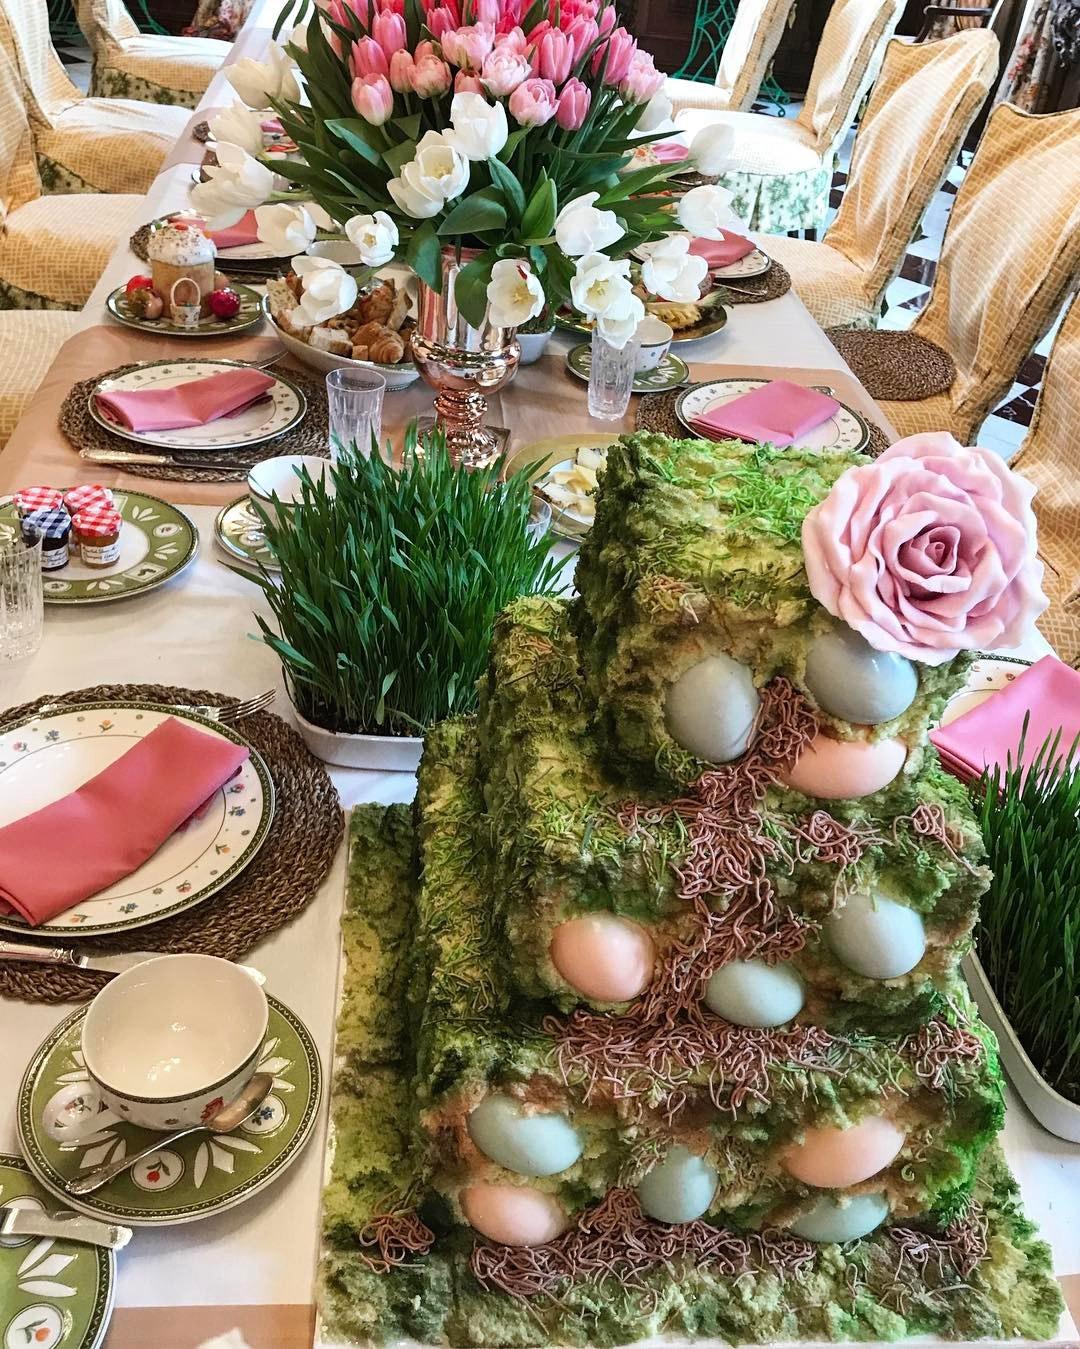 """Пасхальный торт """"с червями"""" на столе жены миллионера"""